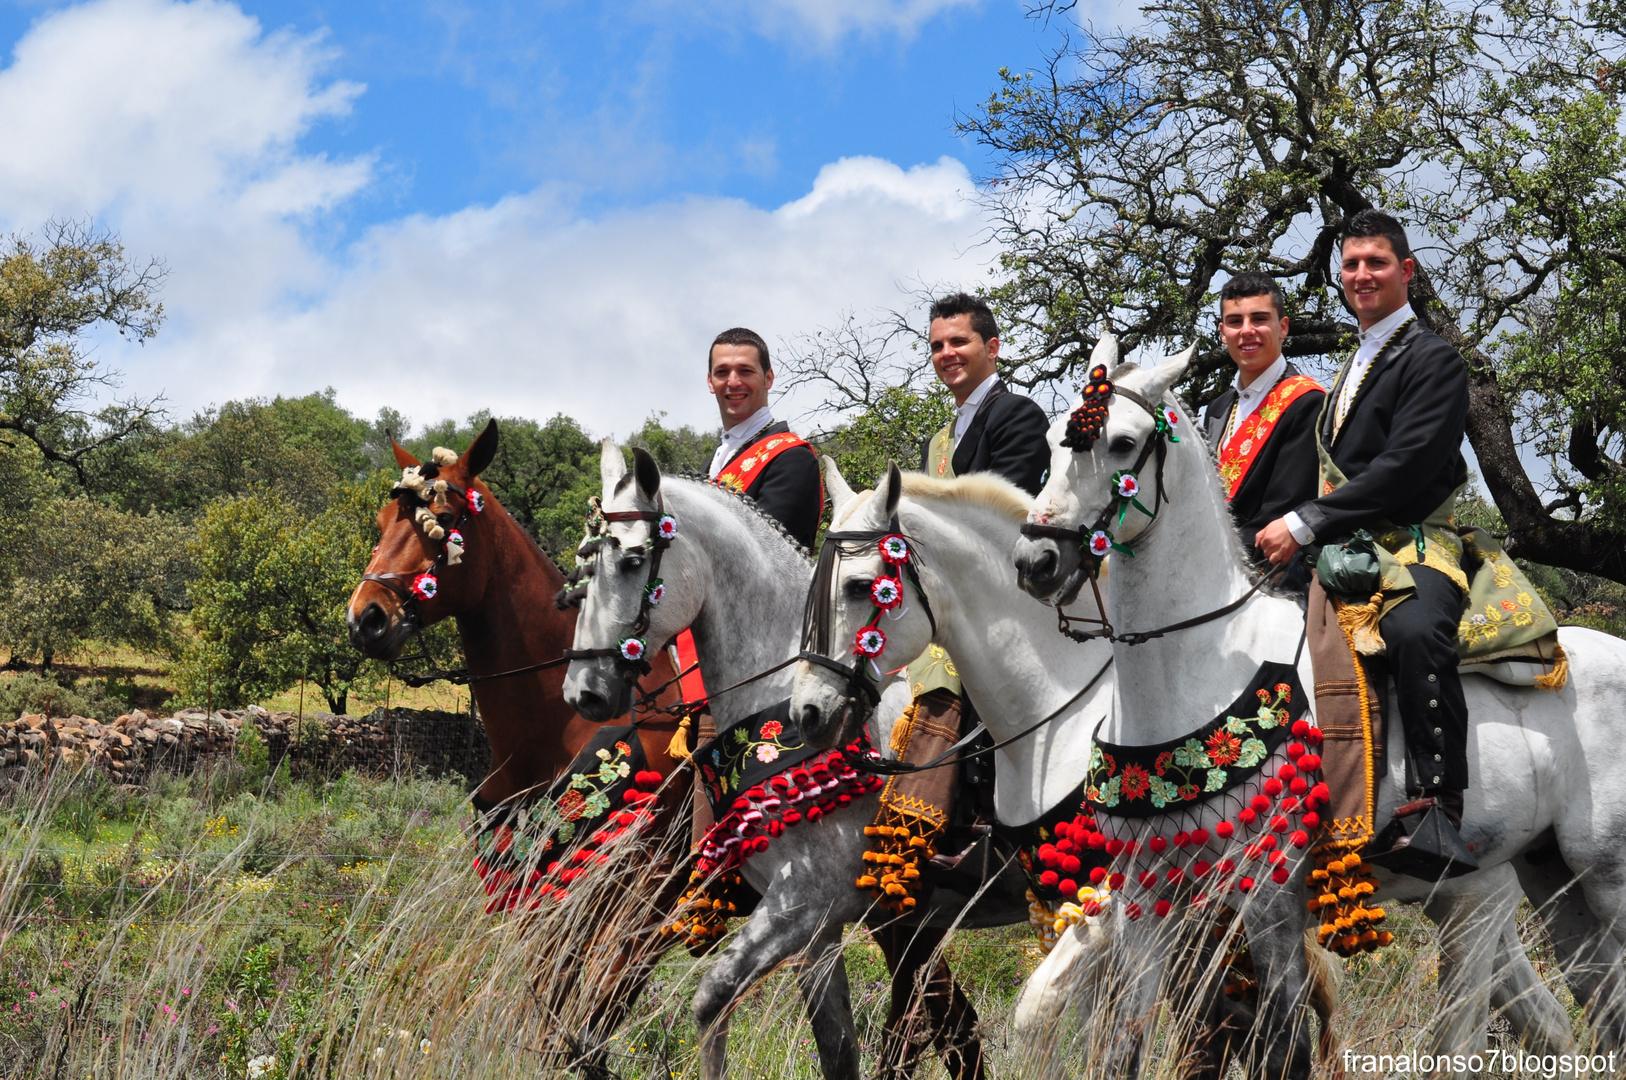 Lanzaores de la Romeria de San Benito 2012... Cerro de Andevalo